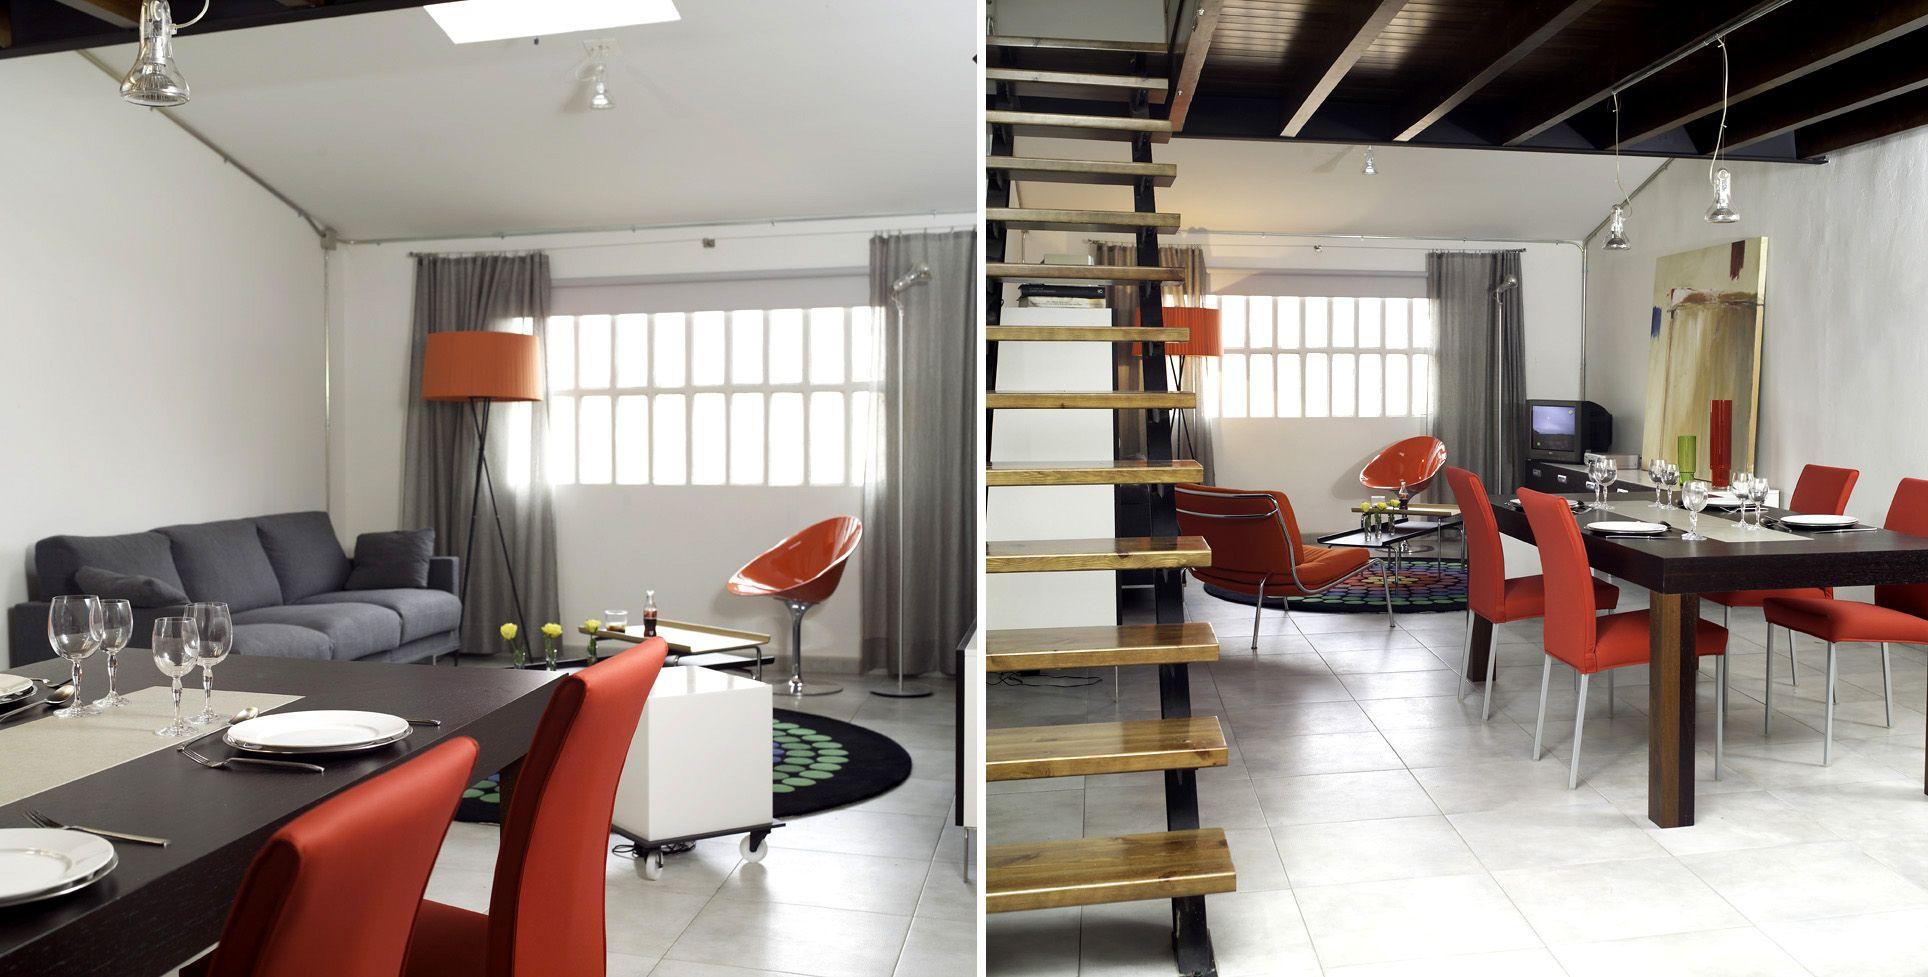 Decoracion moderno comedor antes y despues sillas - Centro de mesa de comedor moderno ...